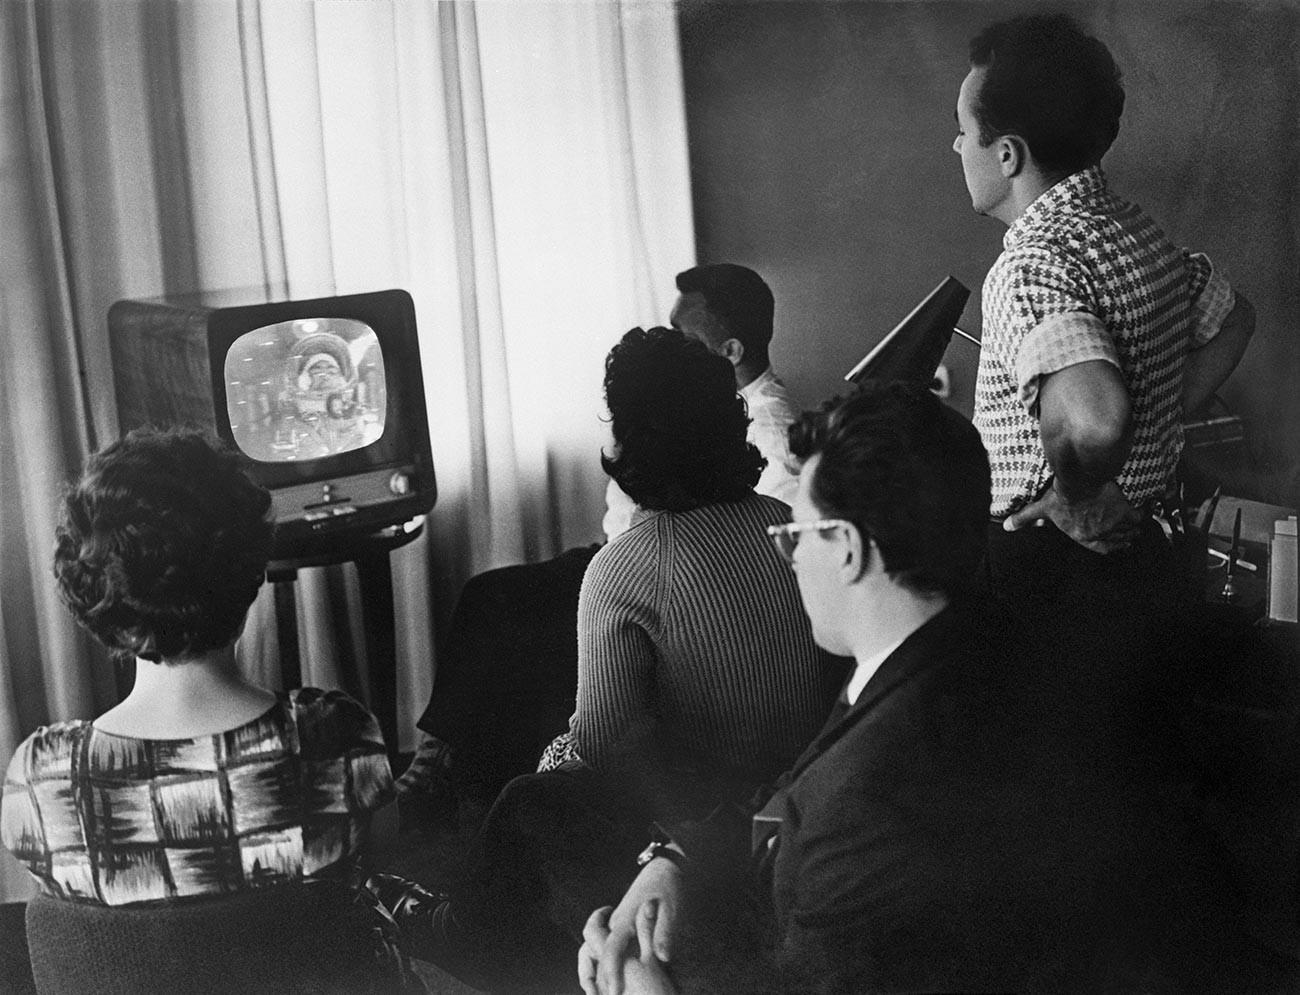 Os raros comerciais de TV foram concebidos como um aspecto visual da propaganda estatal